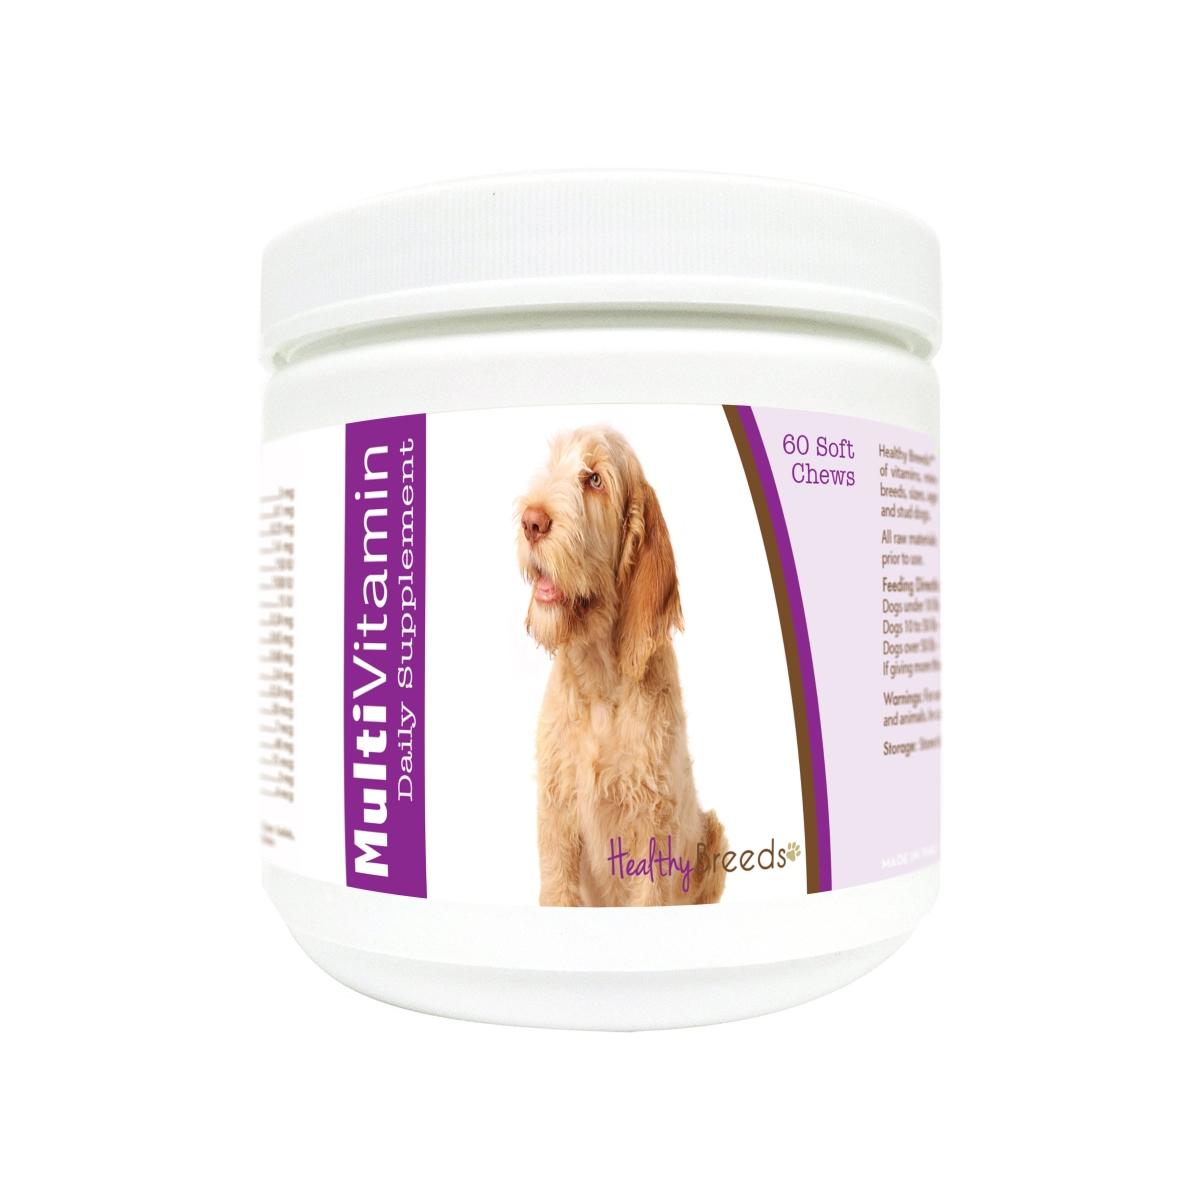 Healthy Breeds 840235172697 Spinoni Italiani Multi-Vitamin Soft Chews - 60 Count